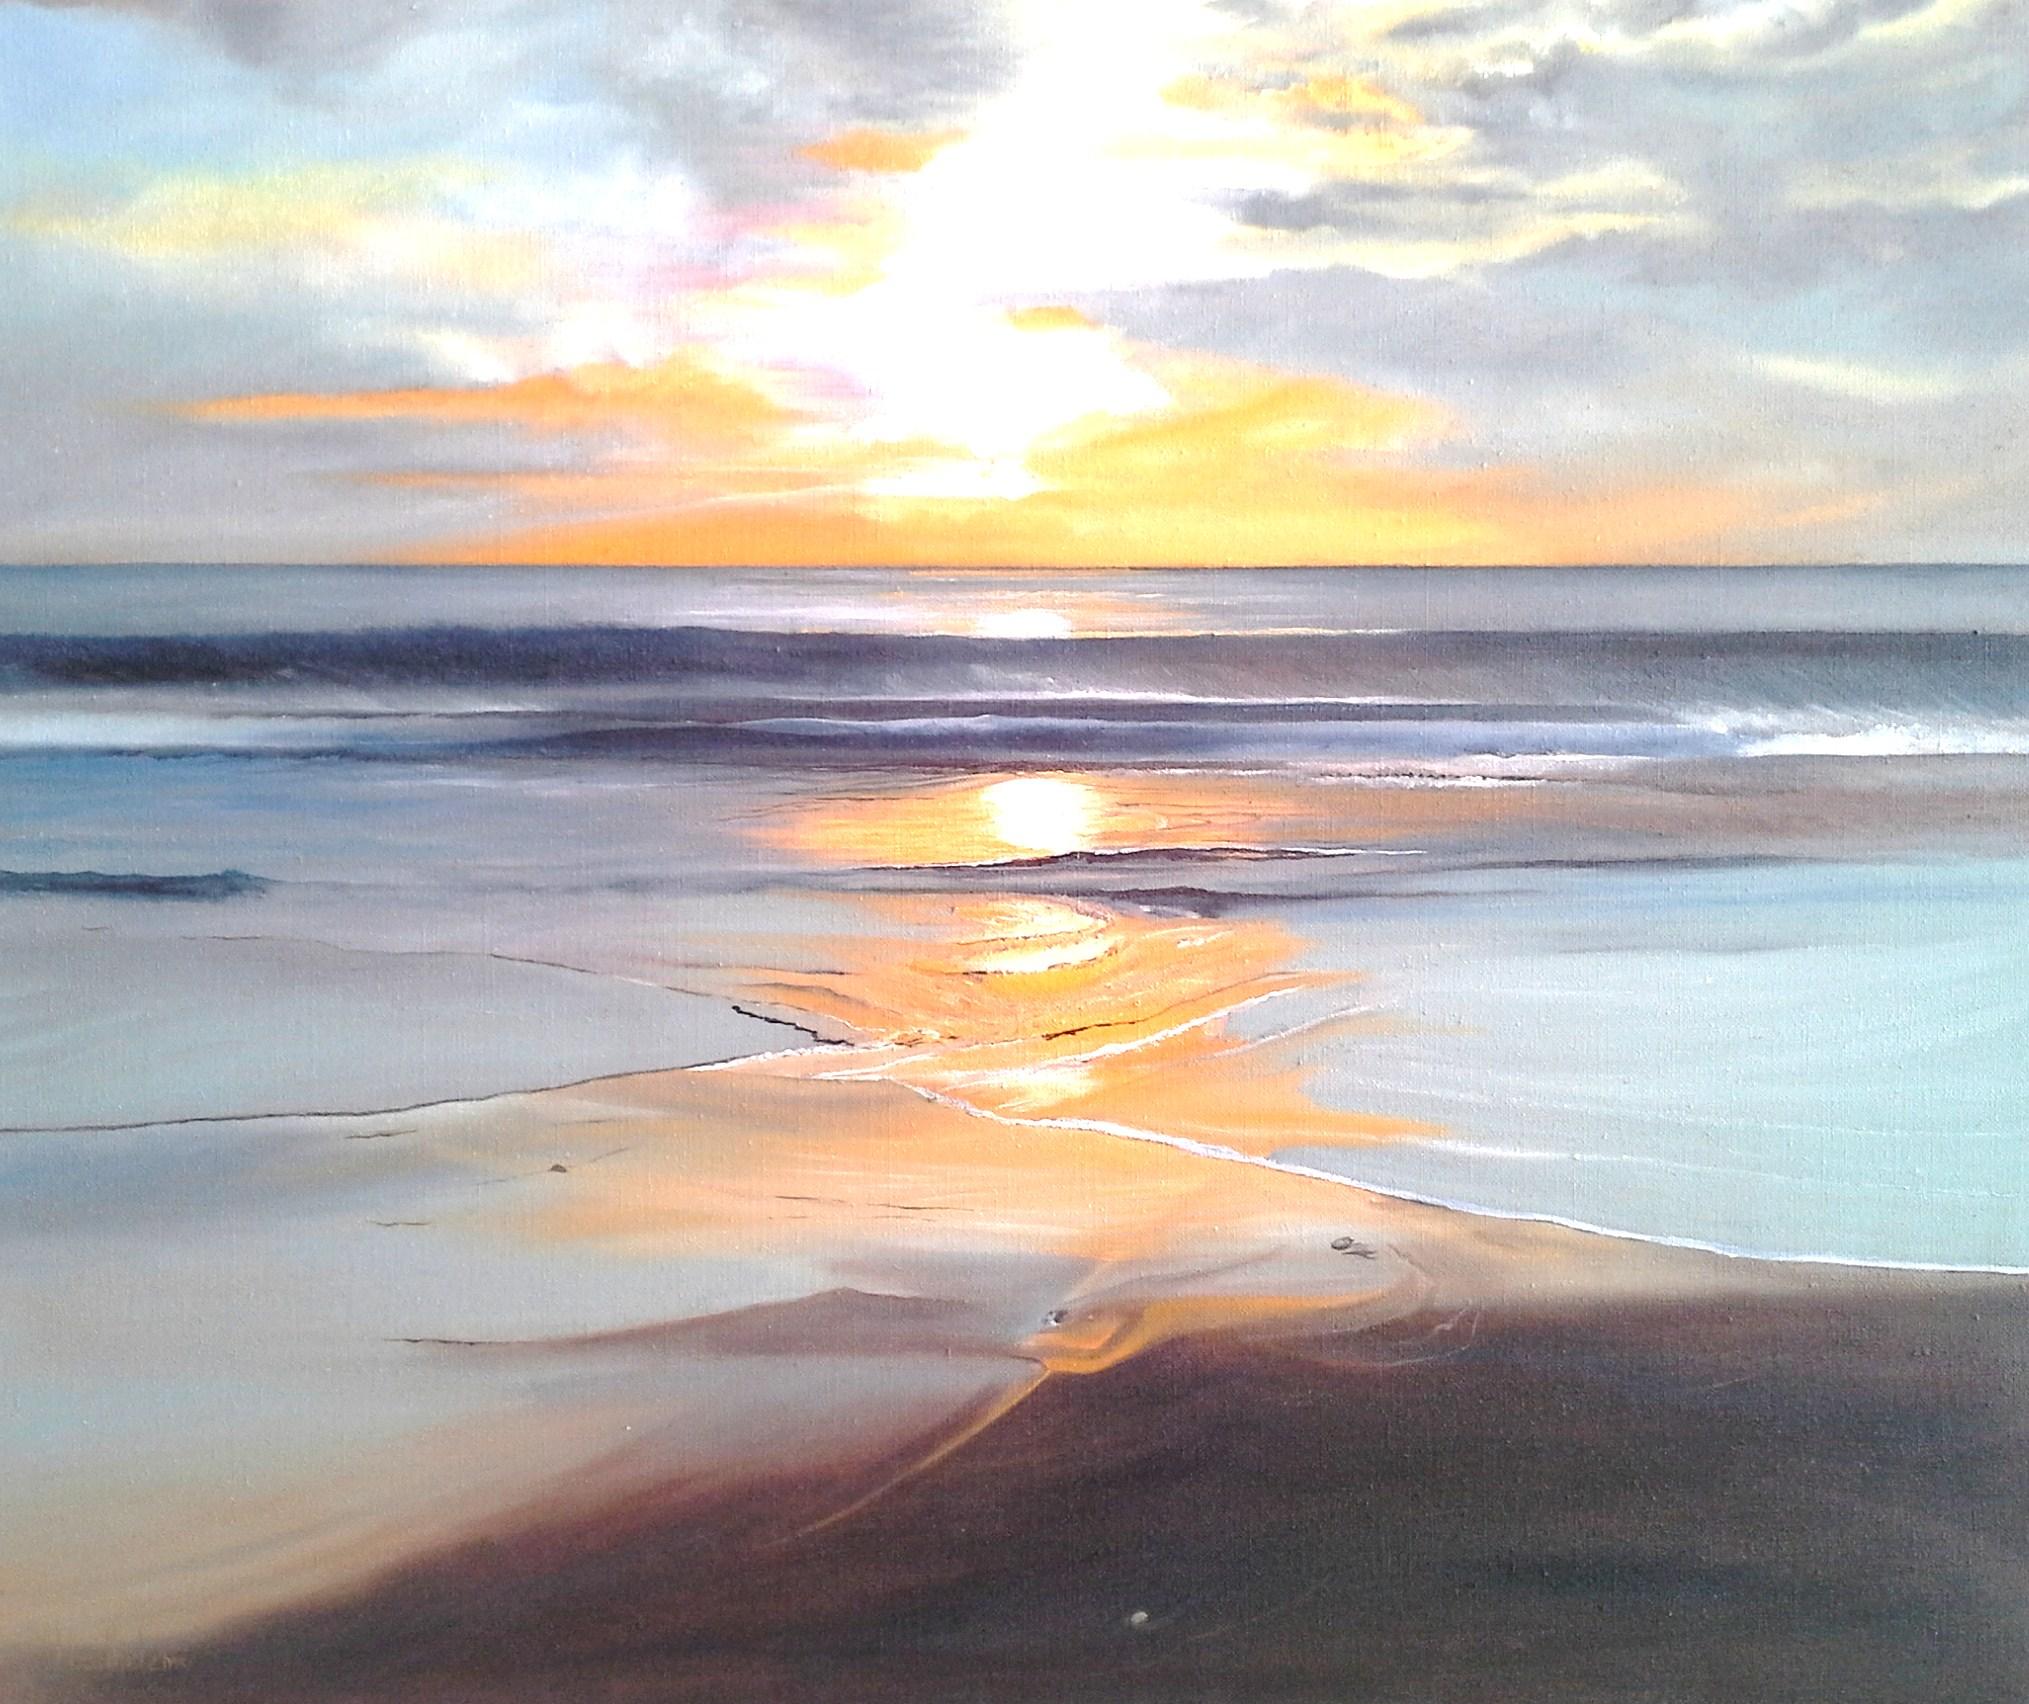 Coucher de soleil en fev sur la plage